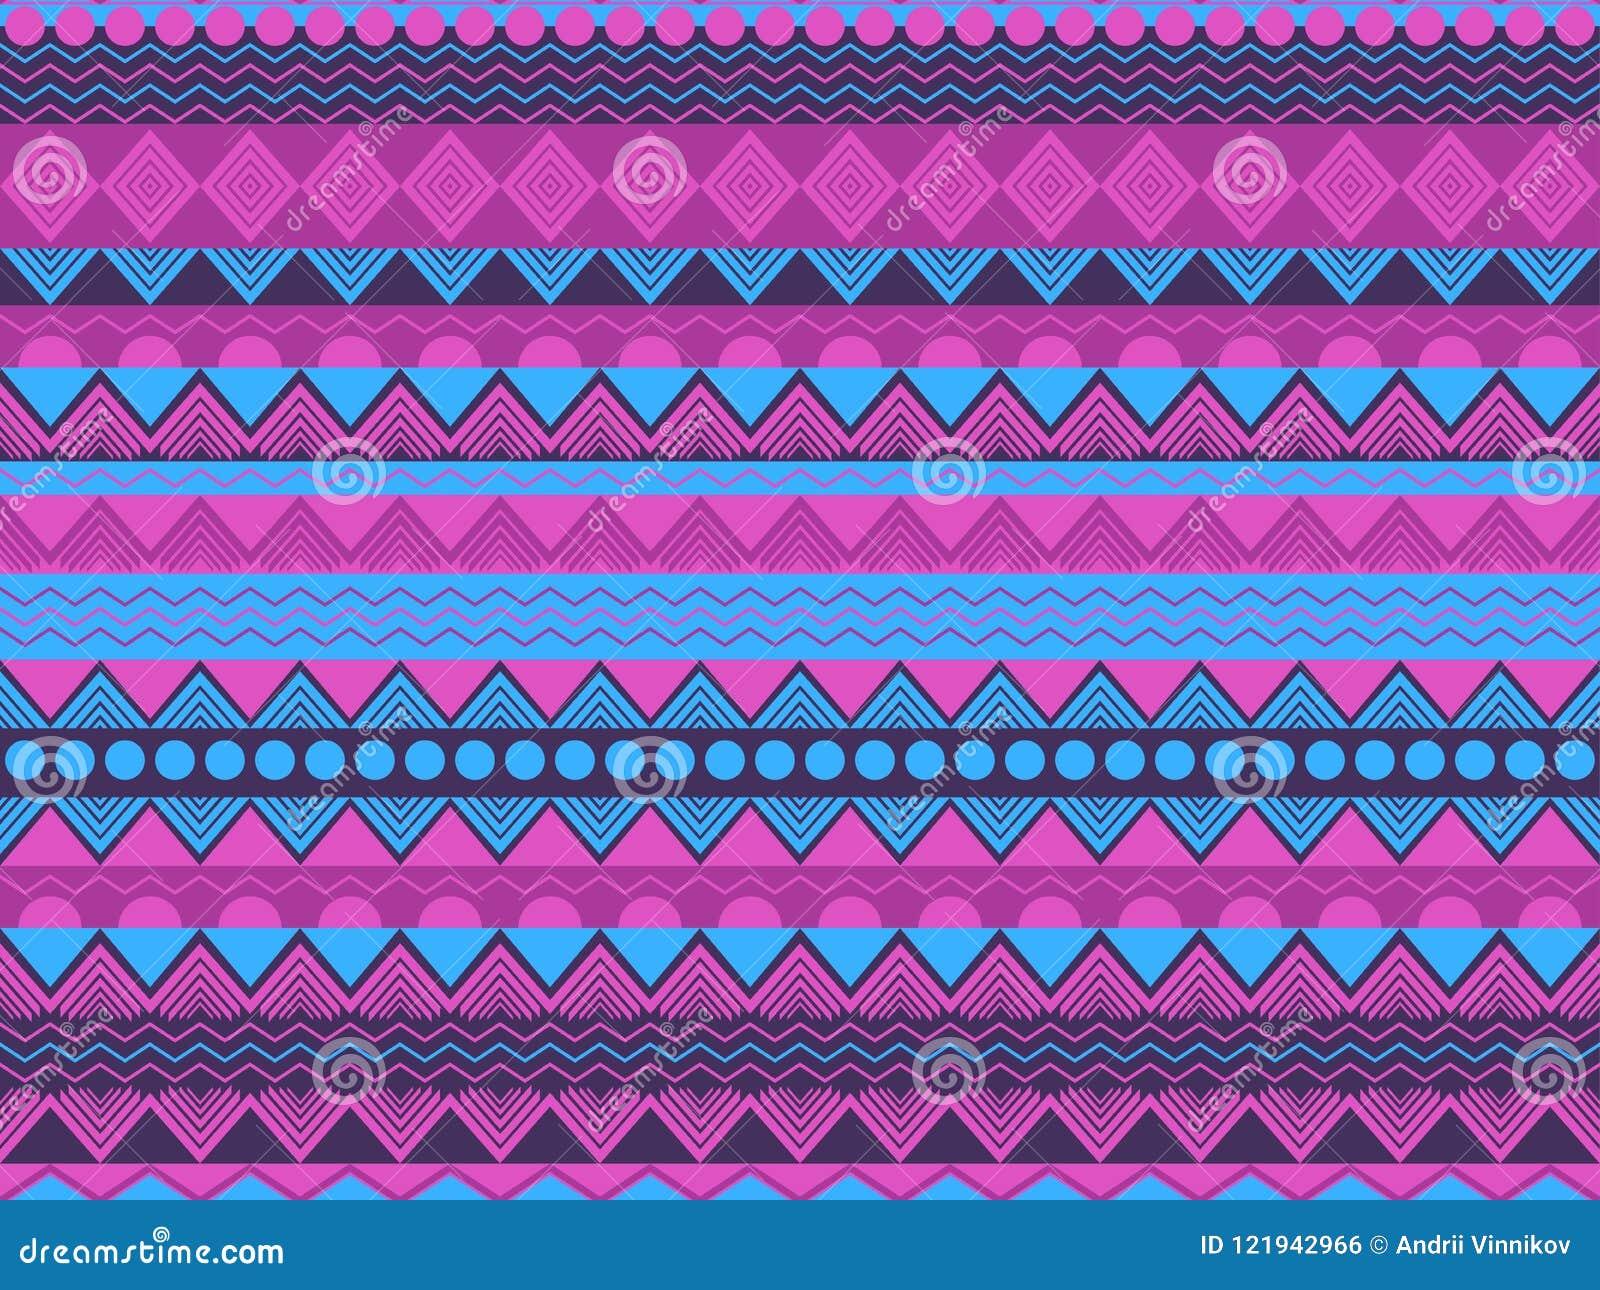 Ethnische nahtlose Muster-, violette und Blauefarbe Stammes- Gewebe, Hippieart Für Tapete Bettwäsche, Fliesen, Gewebe